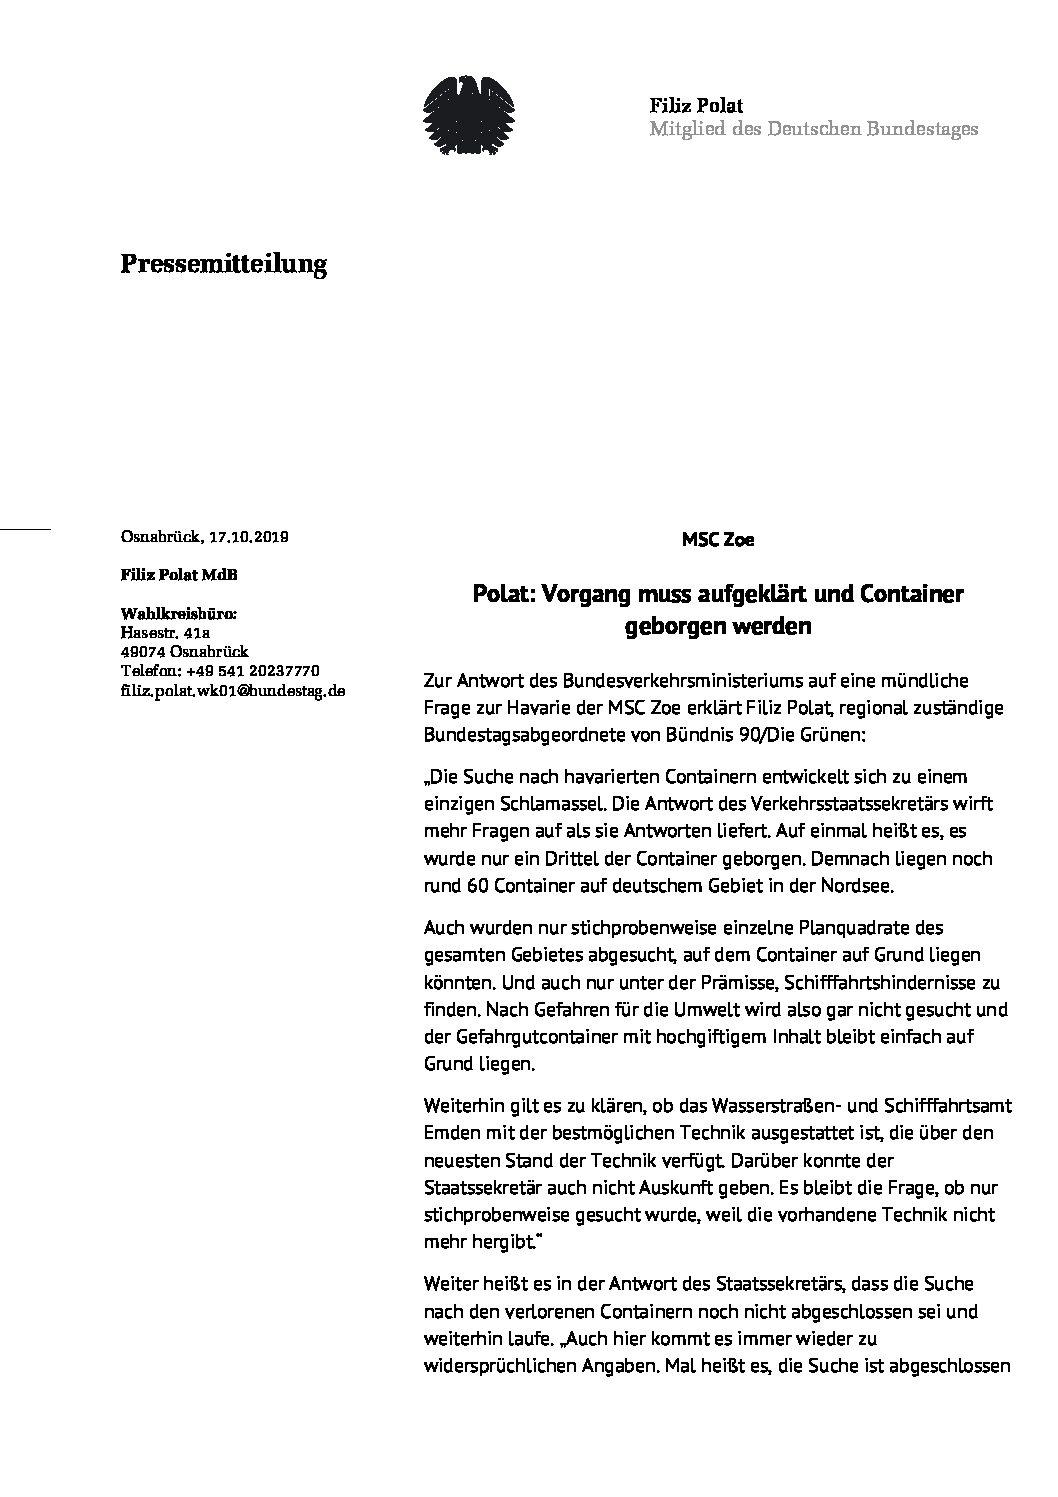 MSC Zoe    Filiz Polat (MdB/Bündnis90/Die Grünen): Vorgang muss aufgeklärt und Container geborgen werden